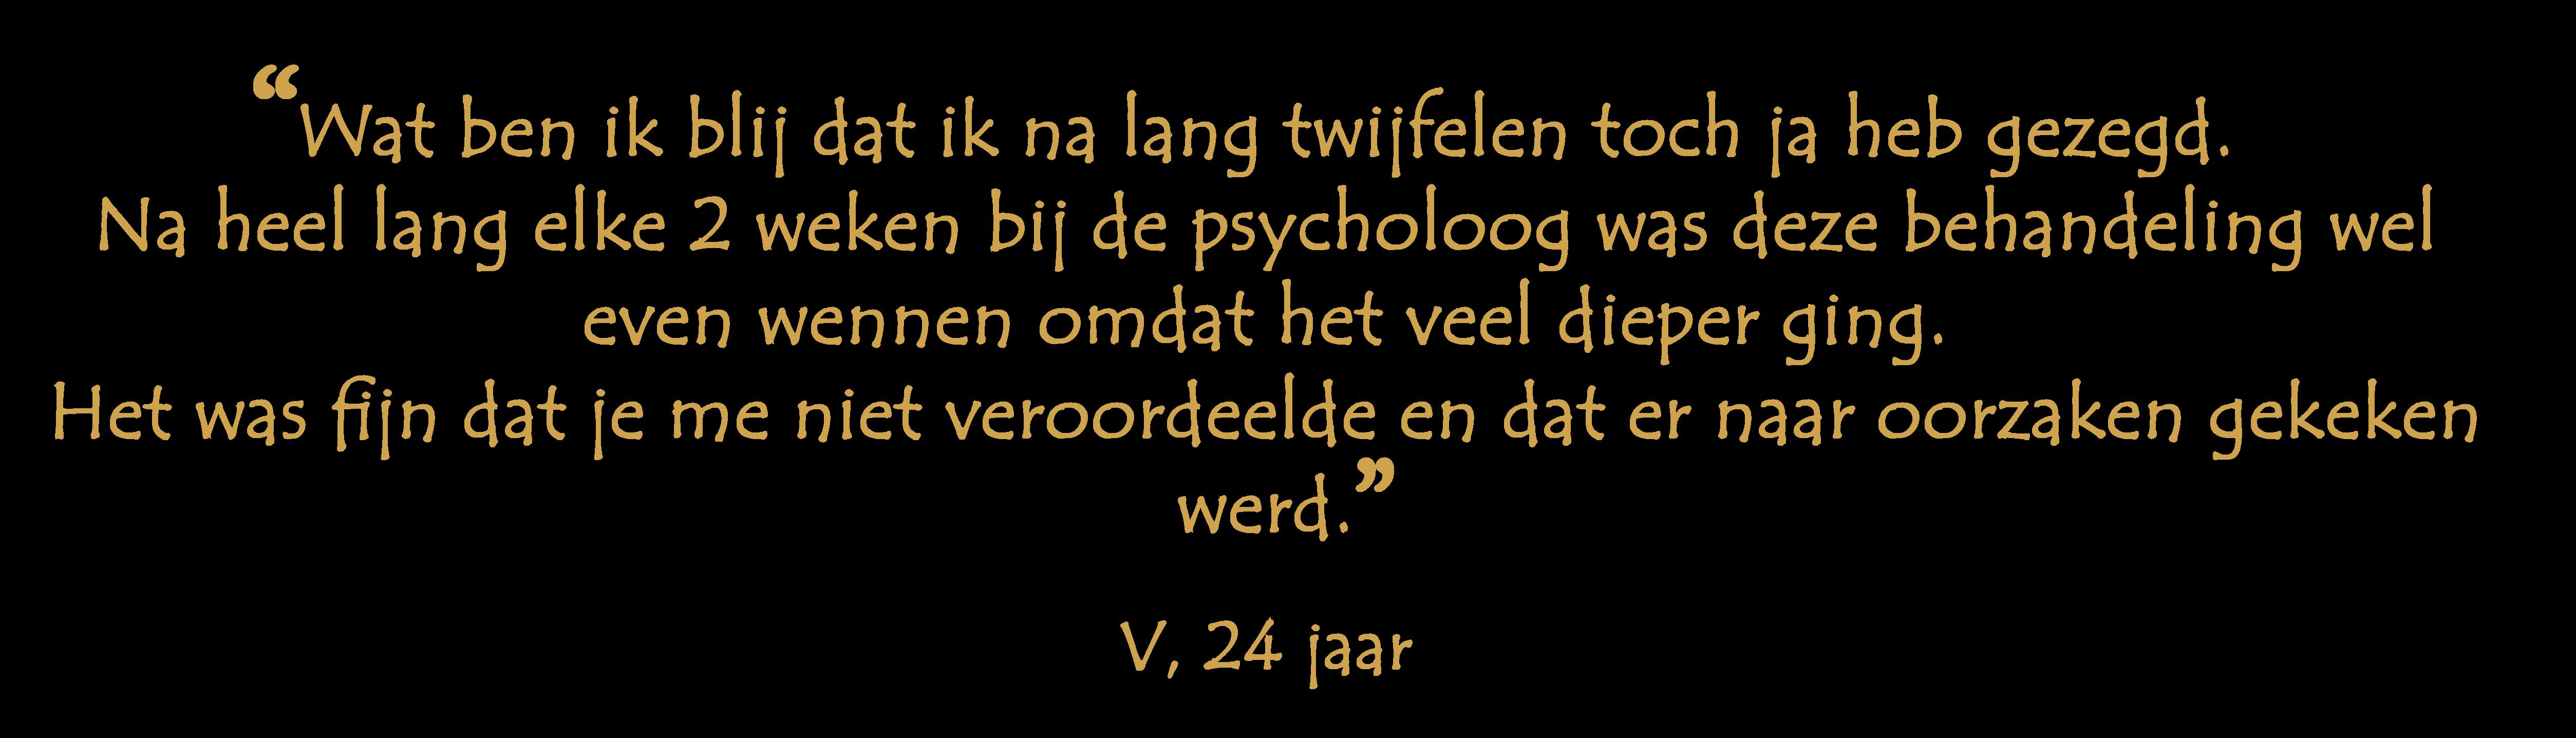 Client-V24jaar-e1612713321203 Psychodynamische therapie